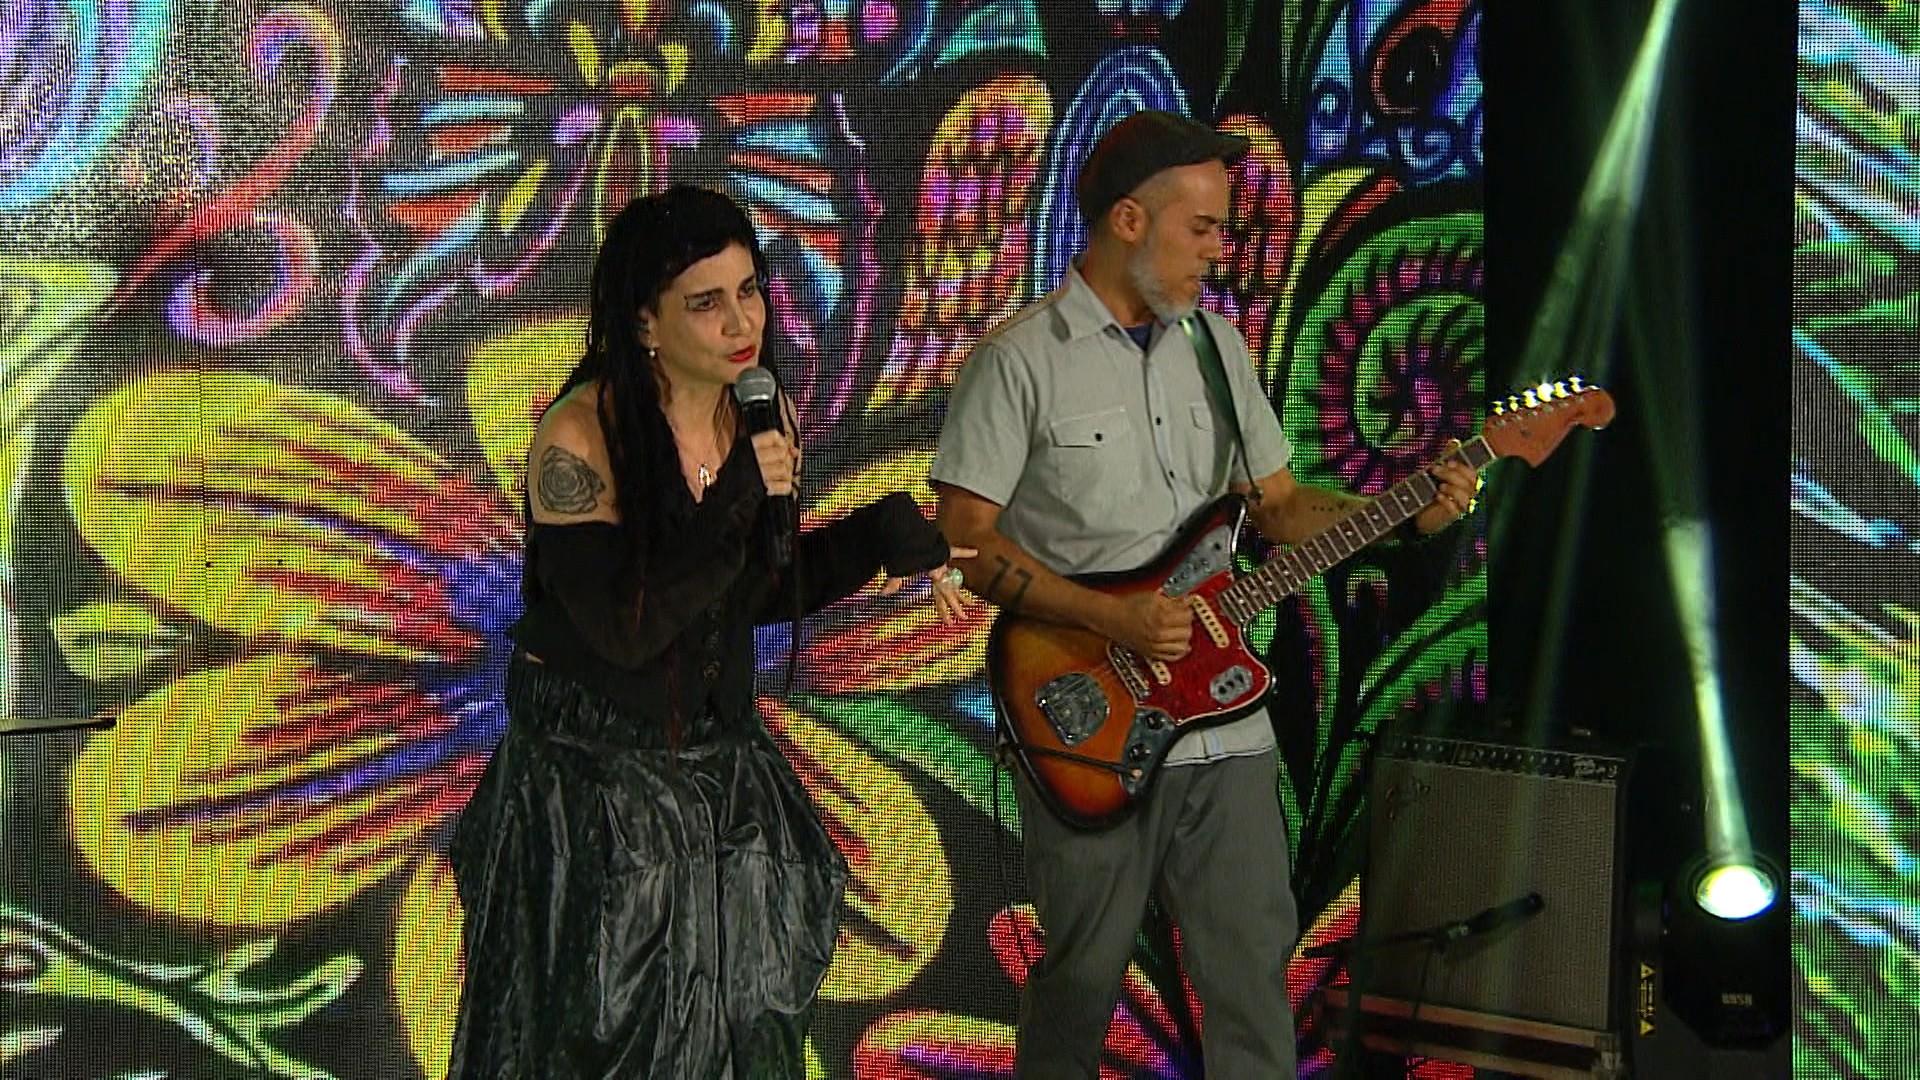 Novo quadro do 'Aprovado' faz homenagem a movimentos musicais que nasceram na Bahia (Foto: Divulgação)